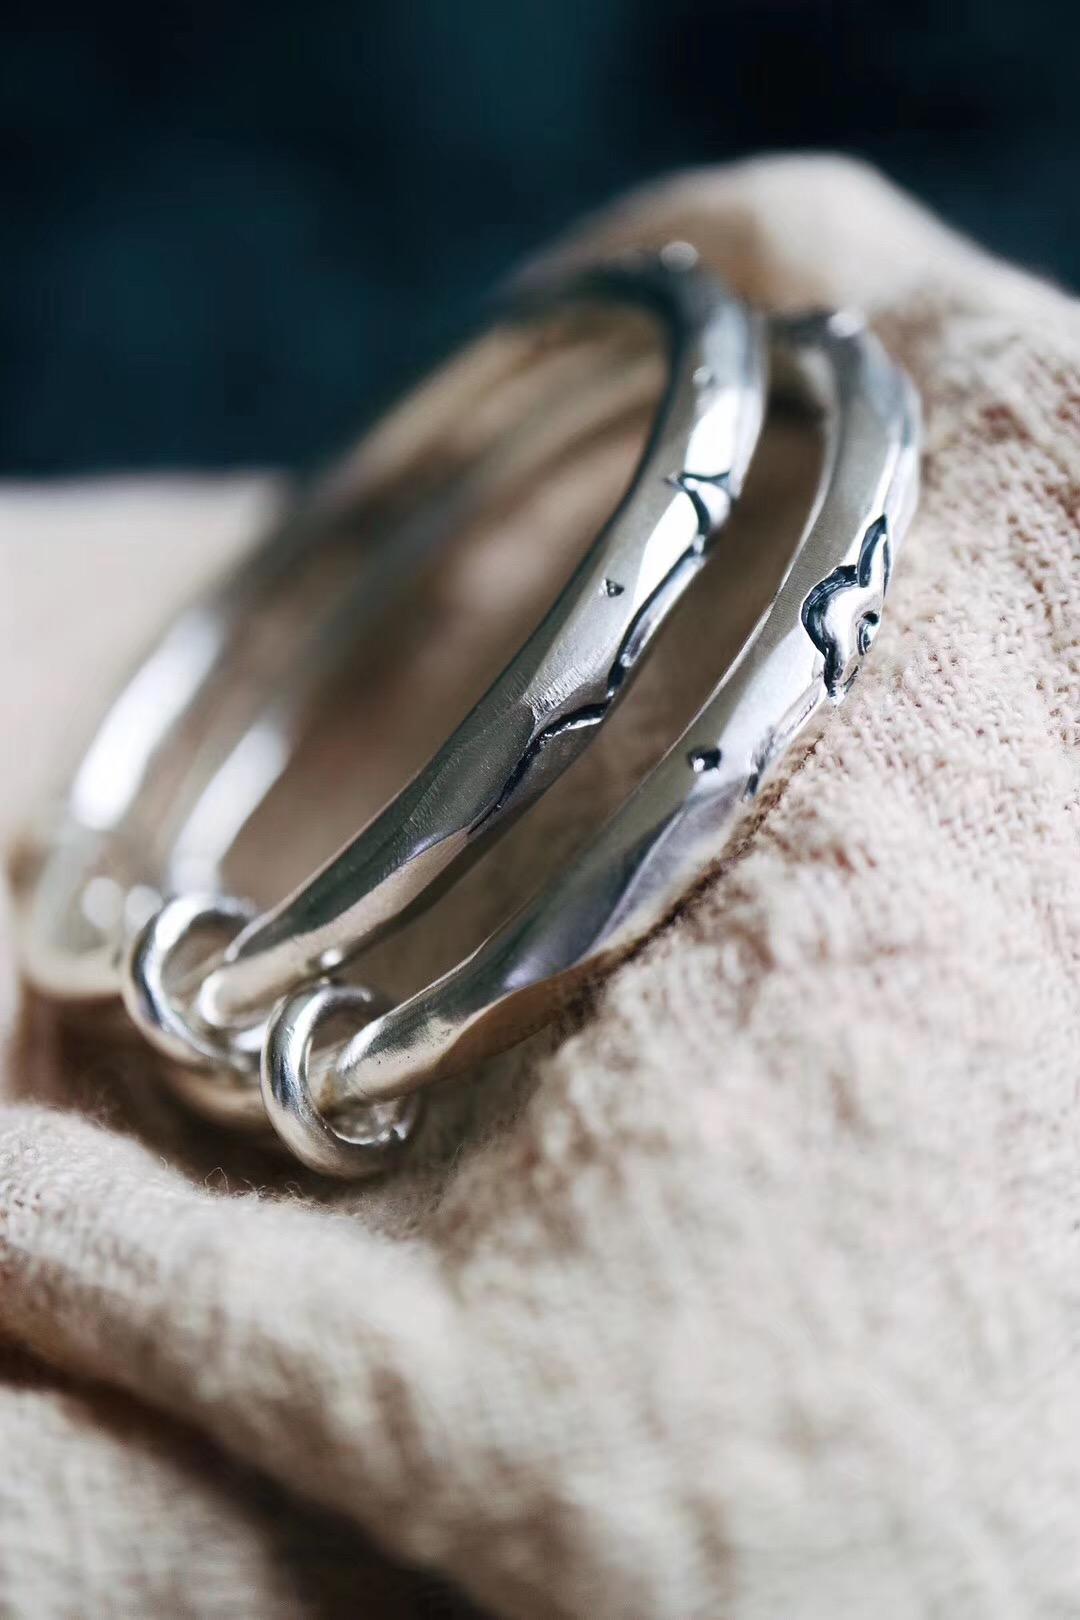 【日月星&爱♾】宝宝镯,菩心工匠纯手工打造一对小可爱银镯-菩心晶舍